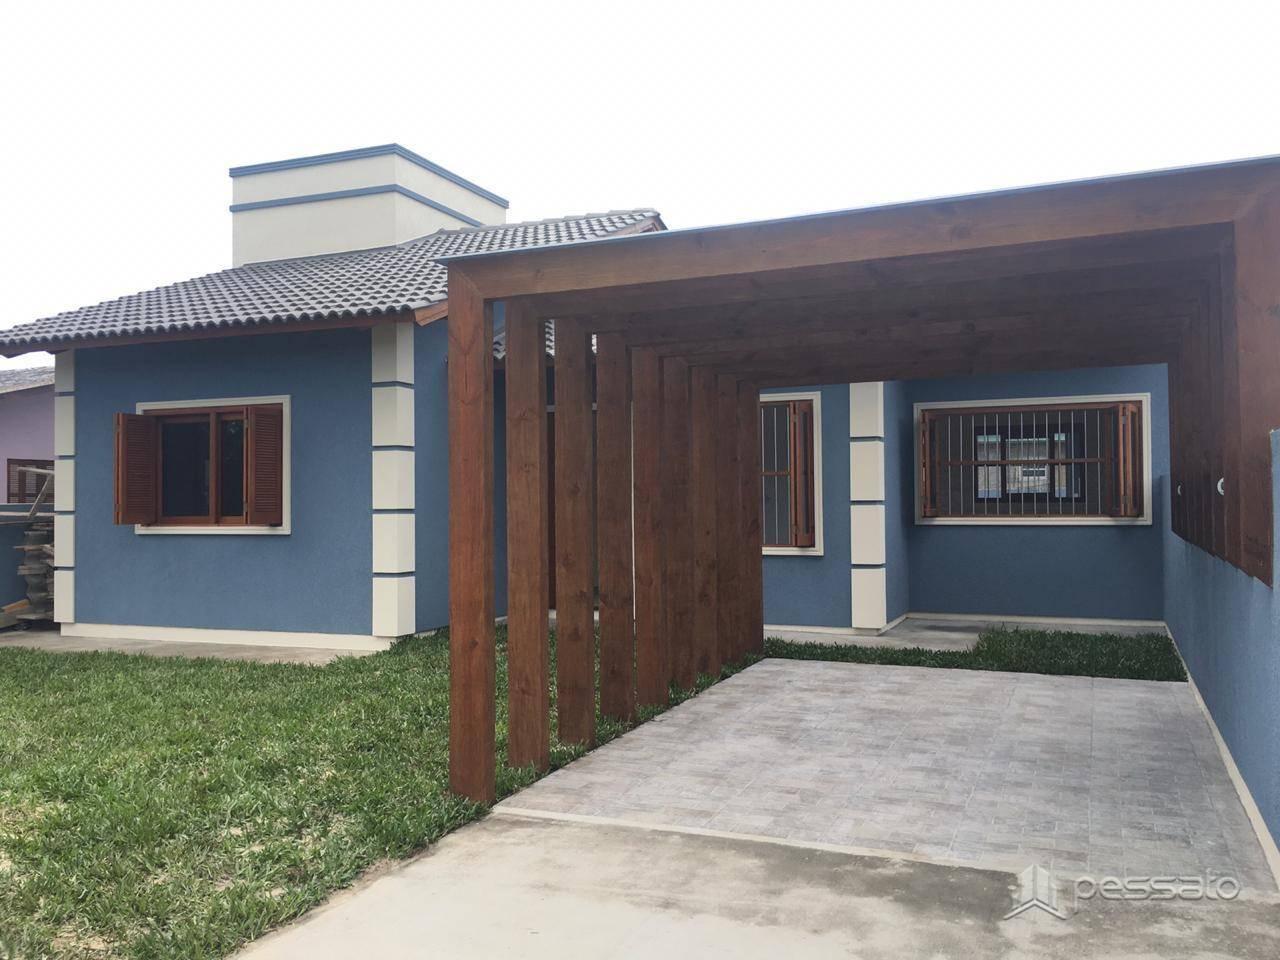 casa 3 dormitórios em Nova Tramandaí, no bairro Nova Tramandaí